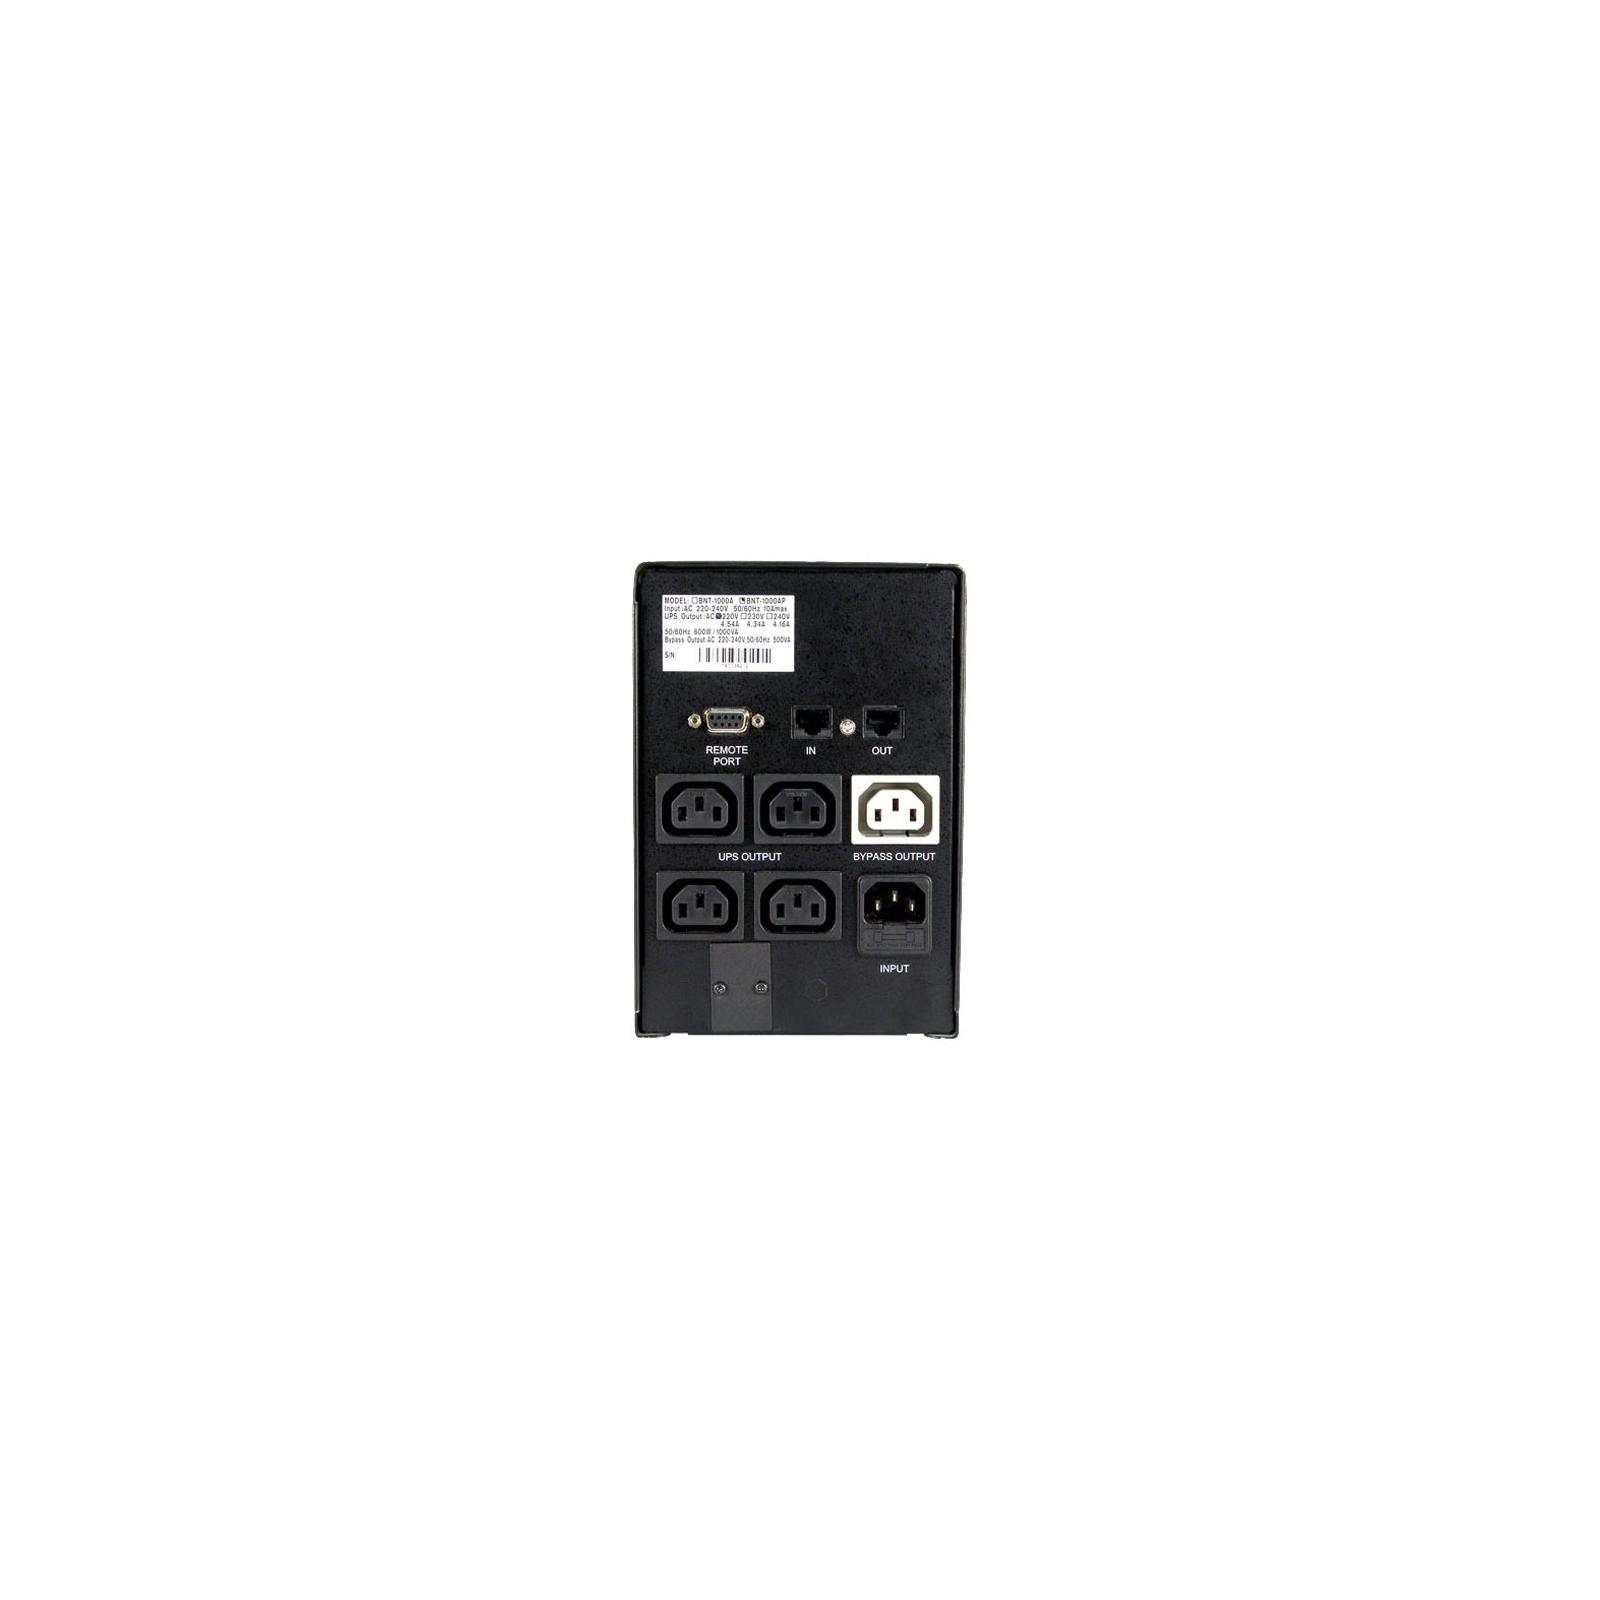 Источник бесперебойного питания BNT-3000 AP Powercom изображение 2